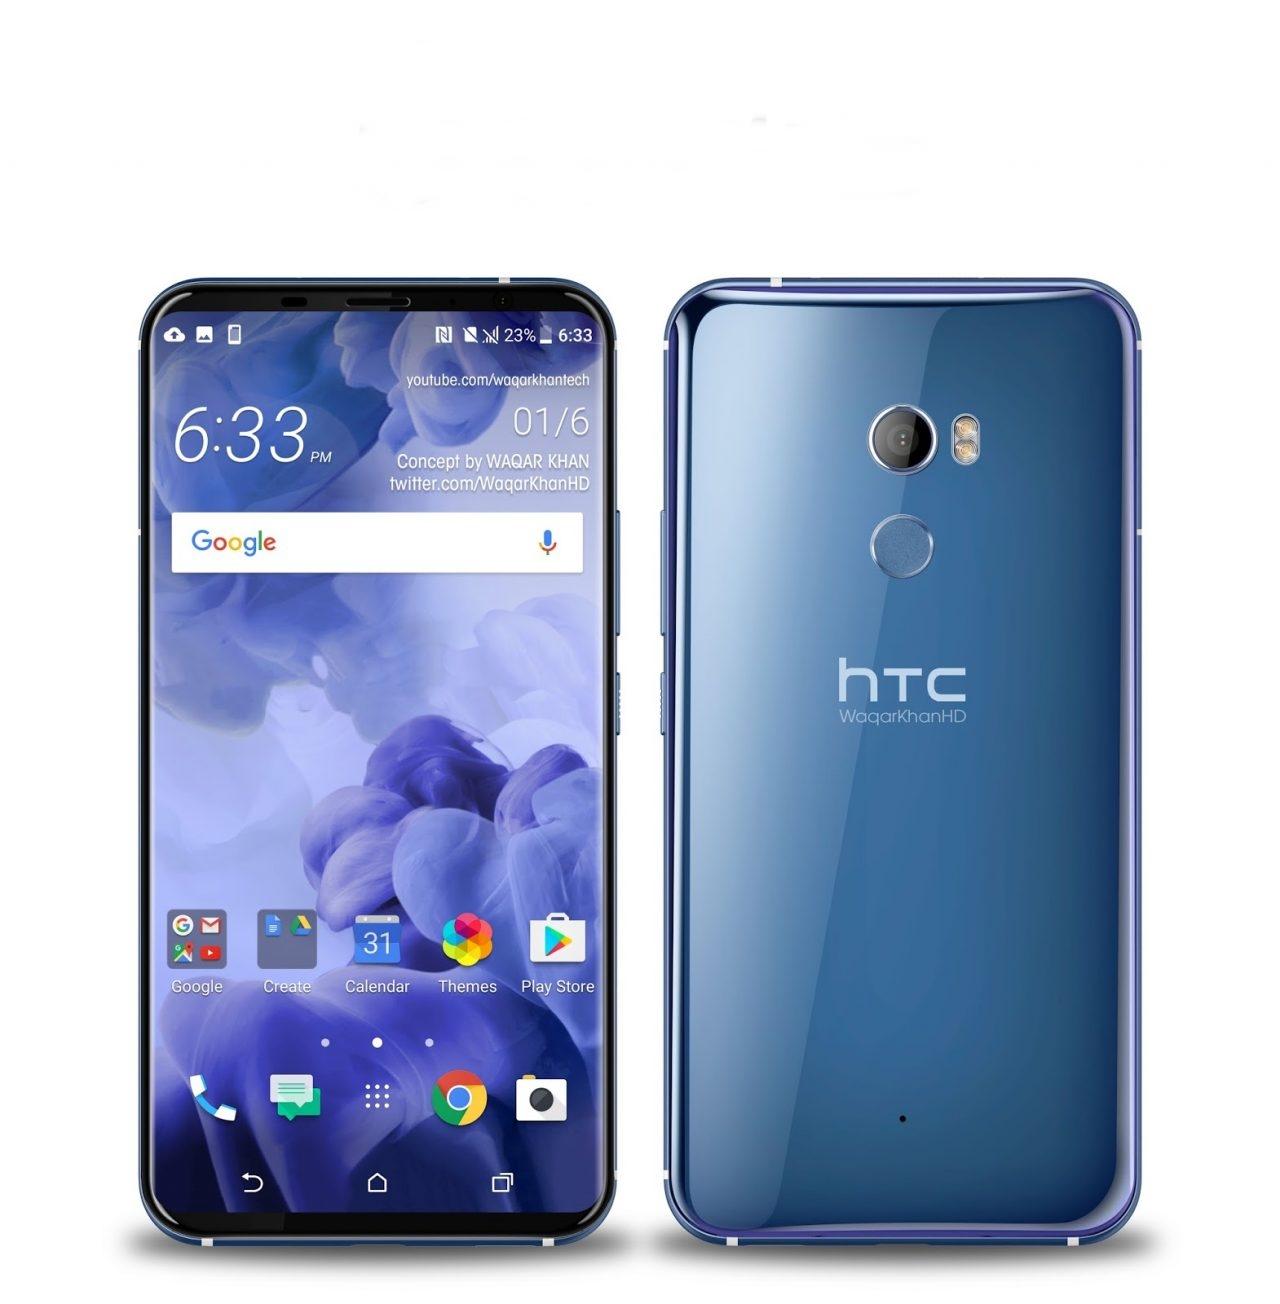 В рамках корпоративной презентации HTC анонсировала выход смартфона HTC U11 Plus  - изображение